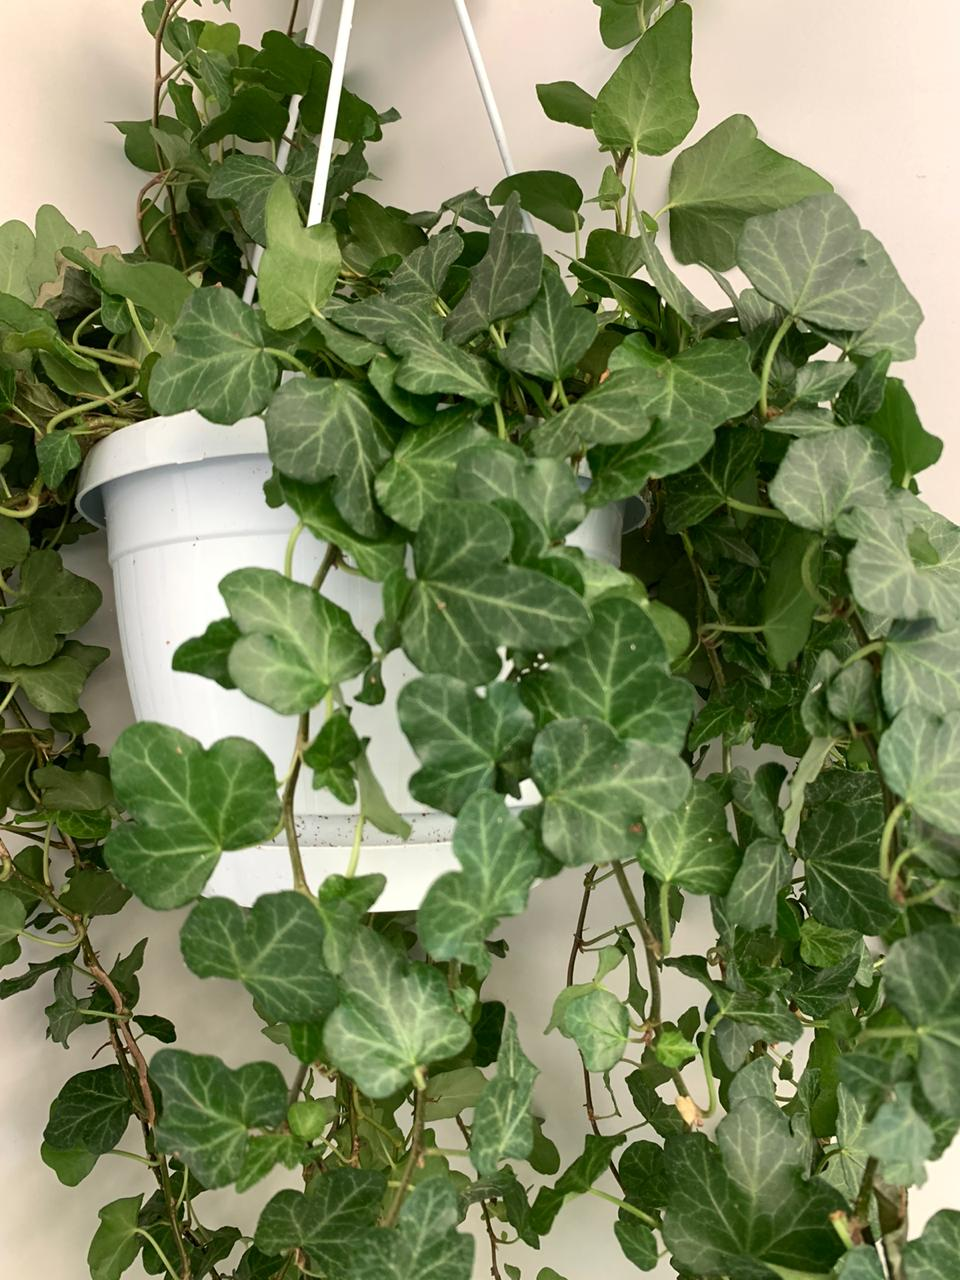 Hedera Helix Wonder Indoor Plants Hanging